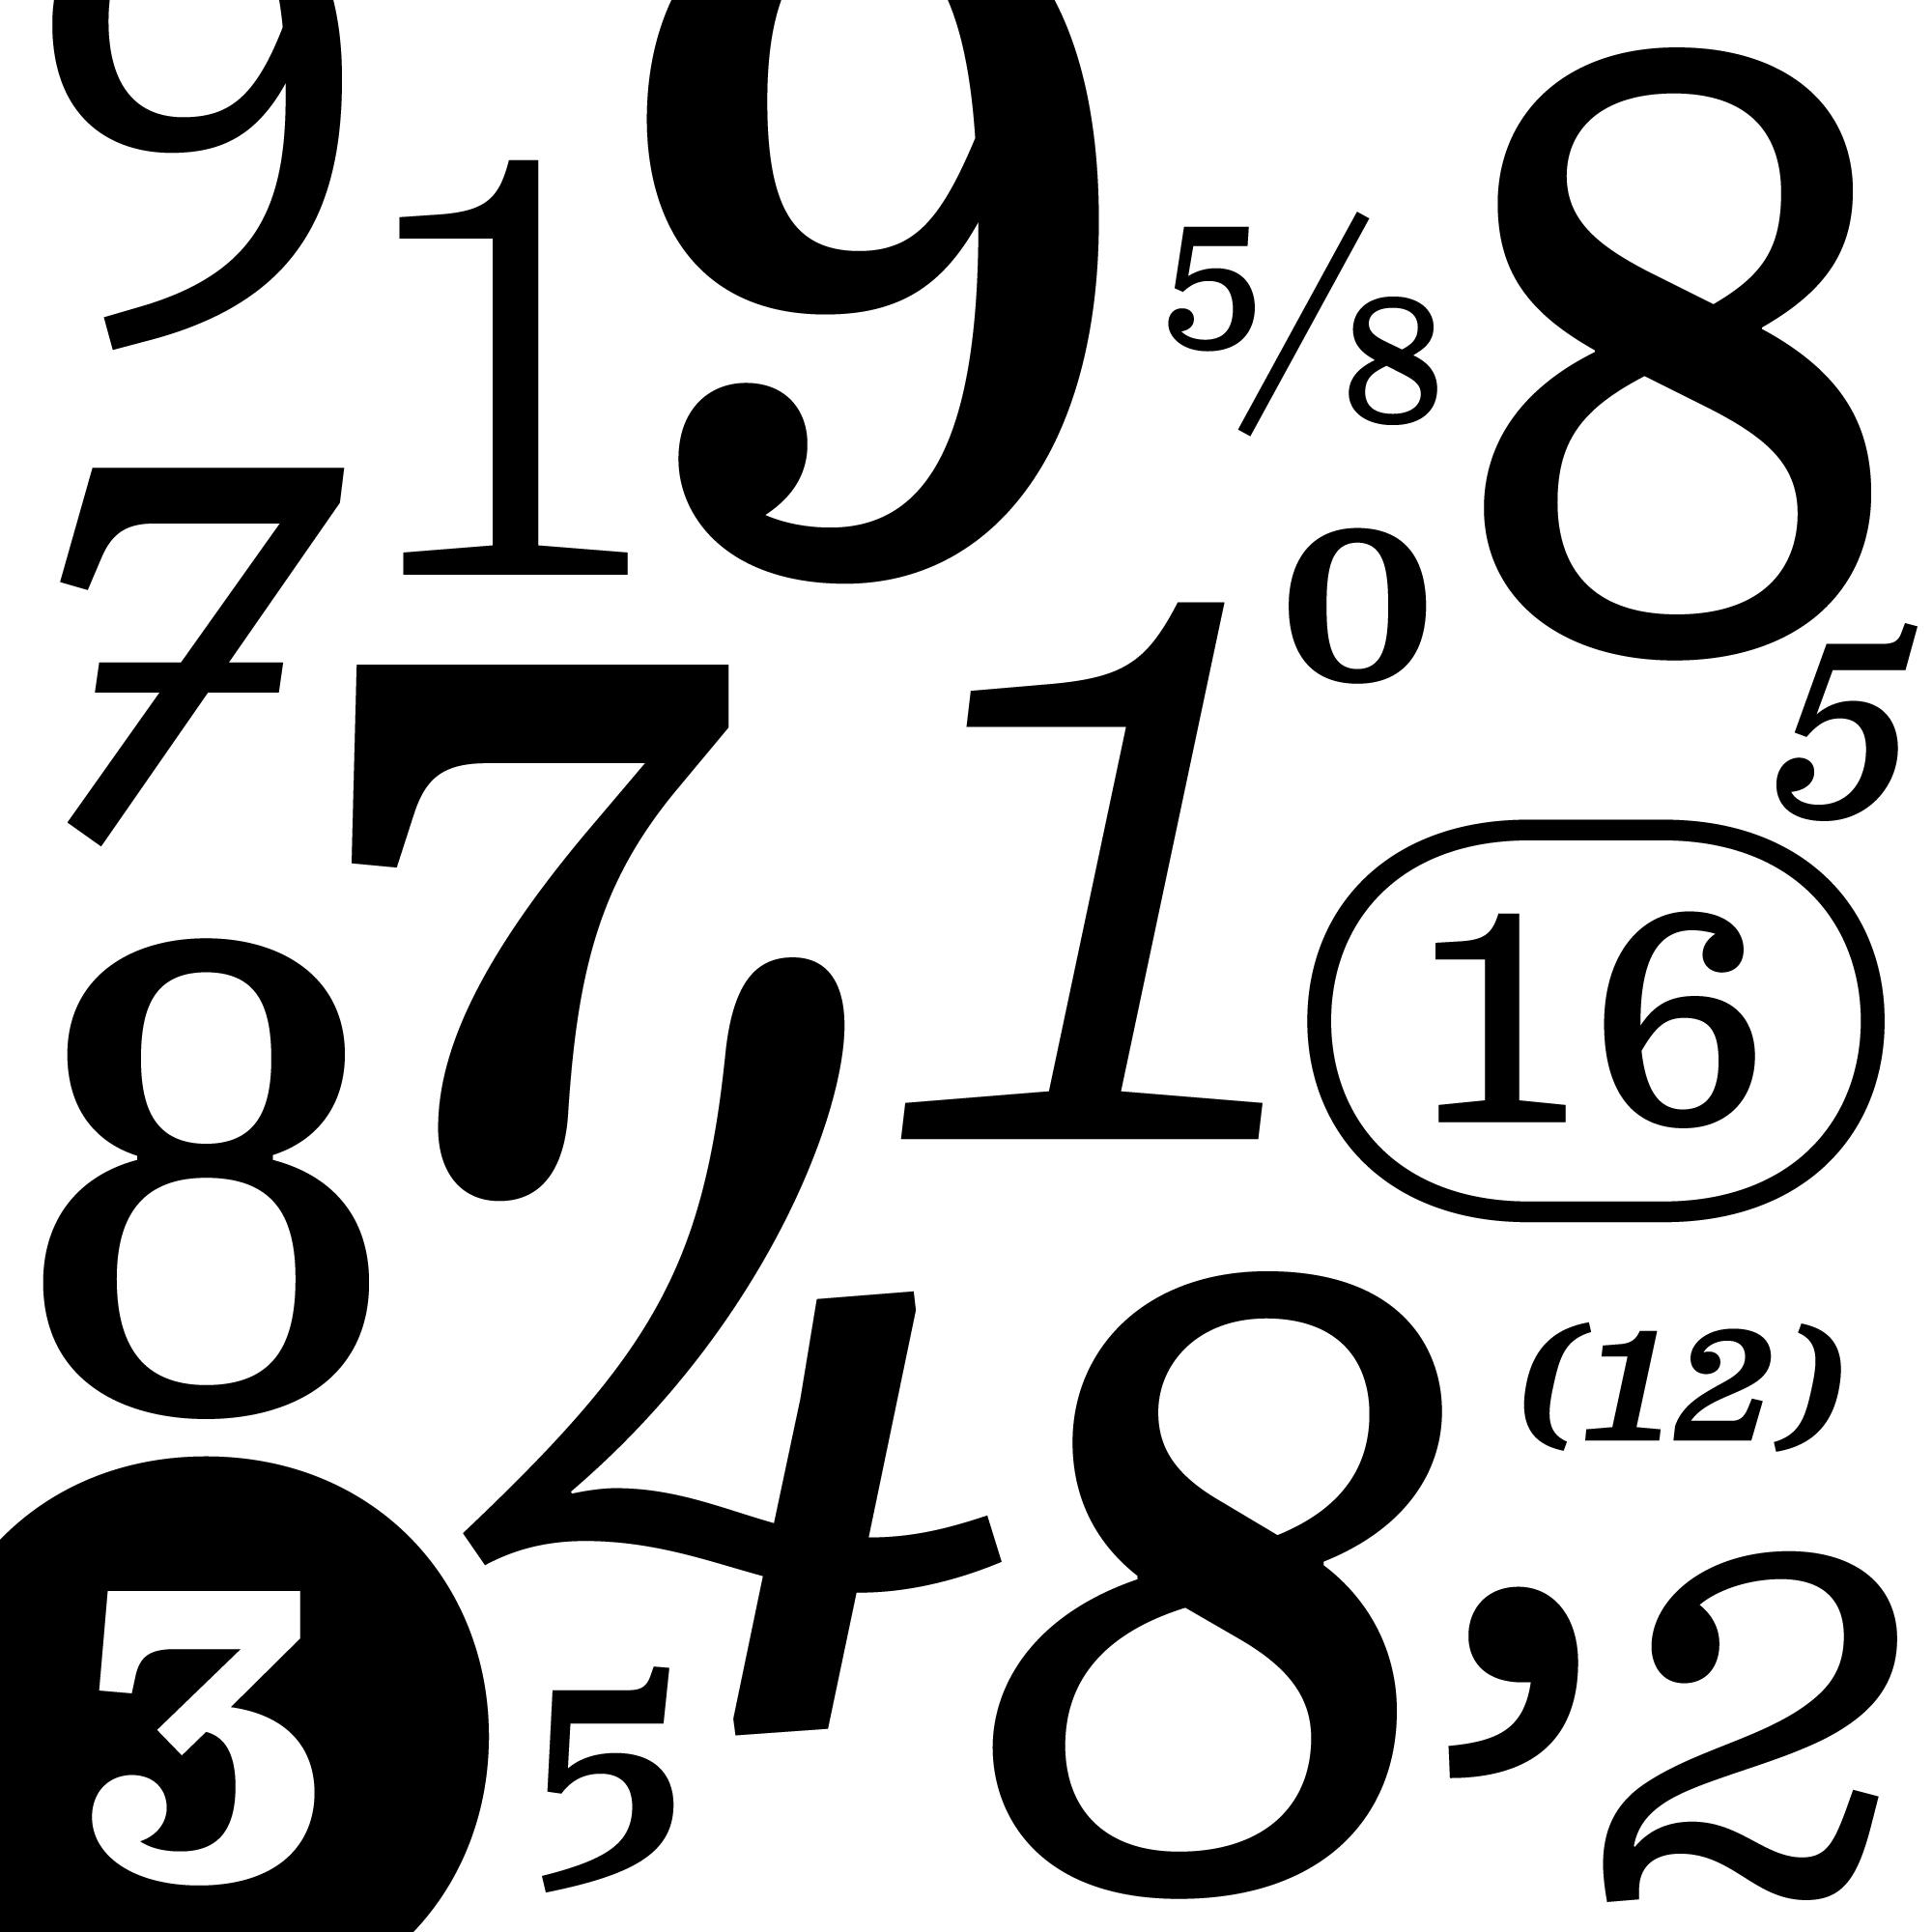 Ff Hertz Typographica